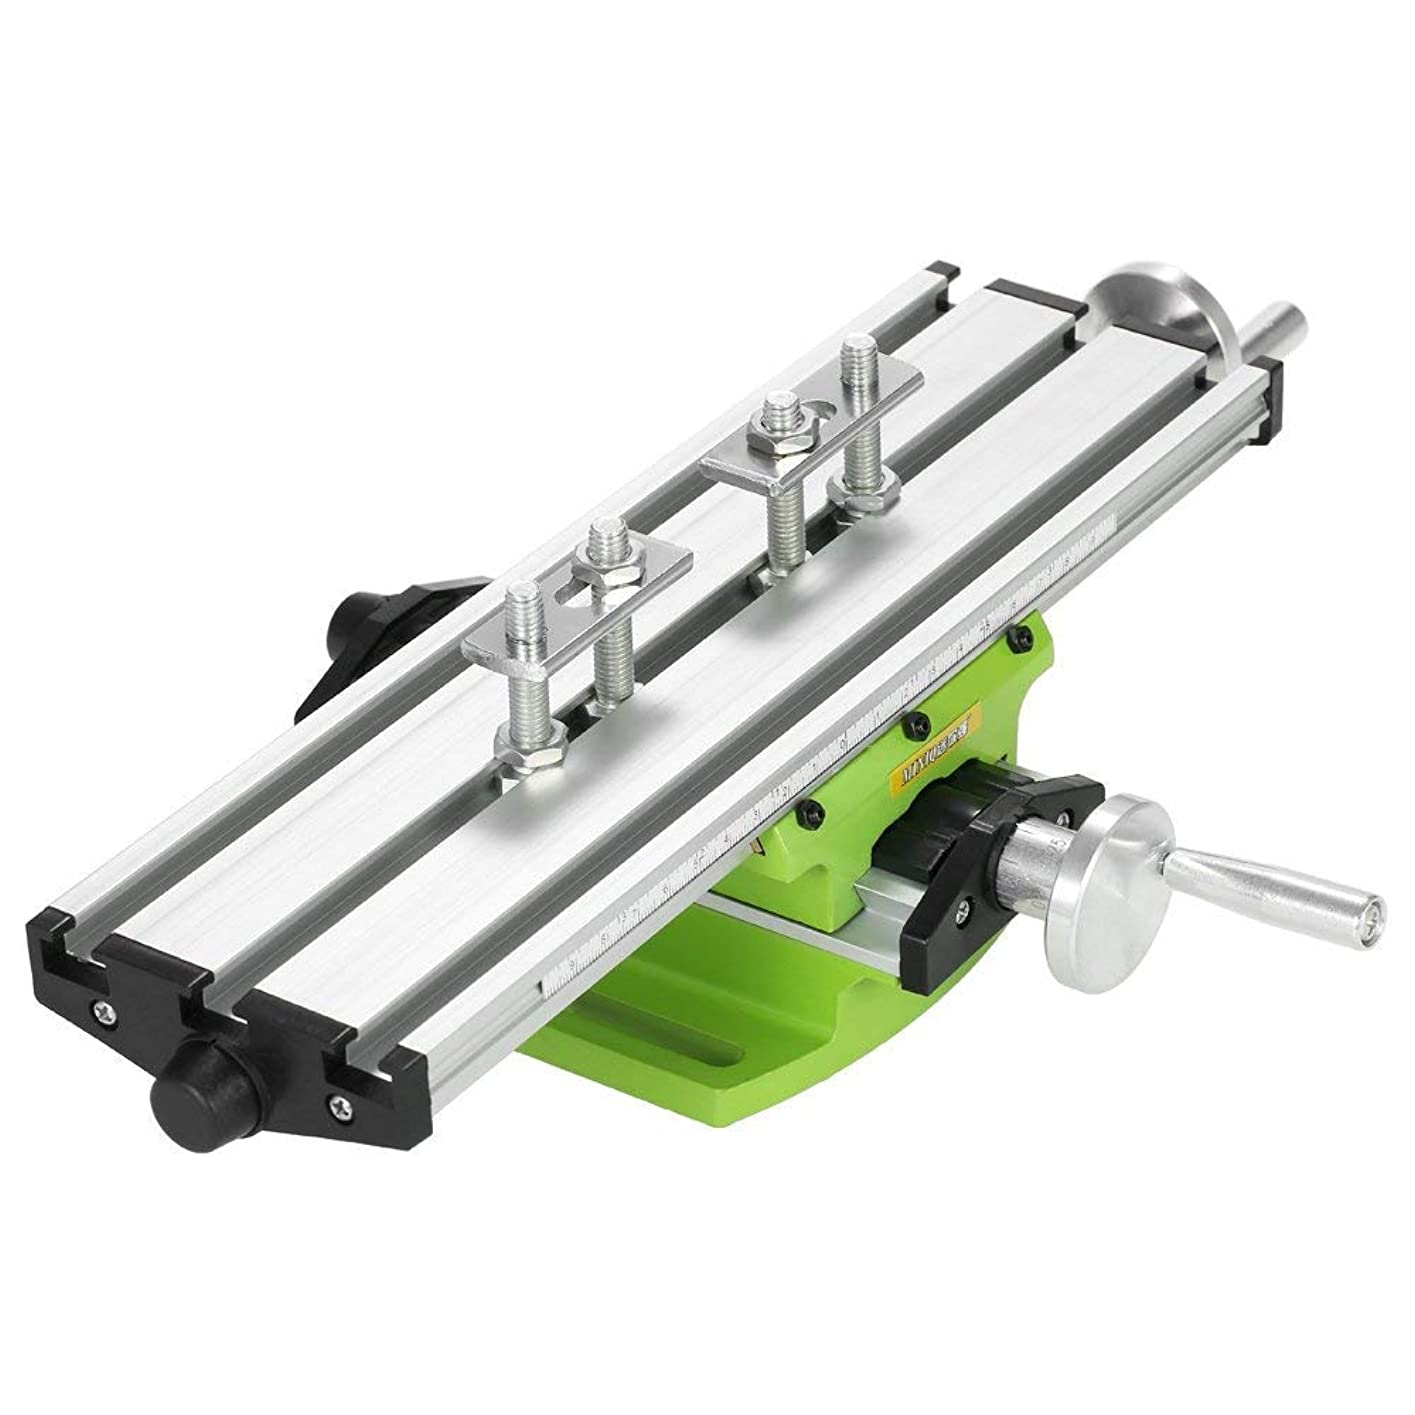 子喪半ば2軸ミリング複合スライドテーブル/ワークテーブルミリングクロスプラットフォームフライス盤複合ドリルスライドテーブルは、ベンチドリル調整に適しています